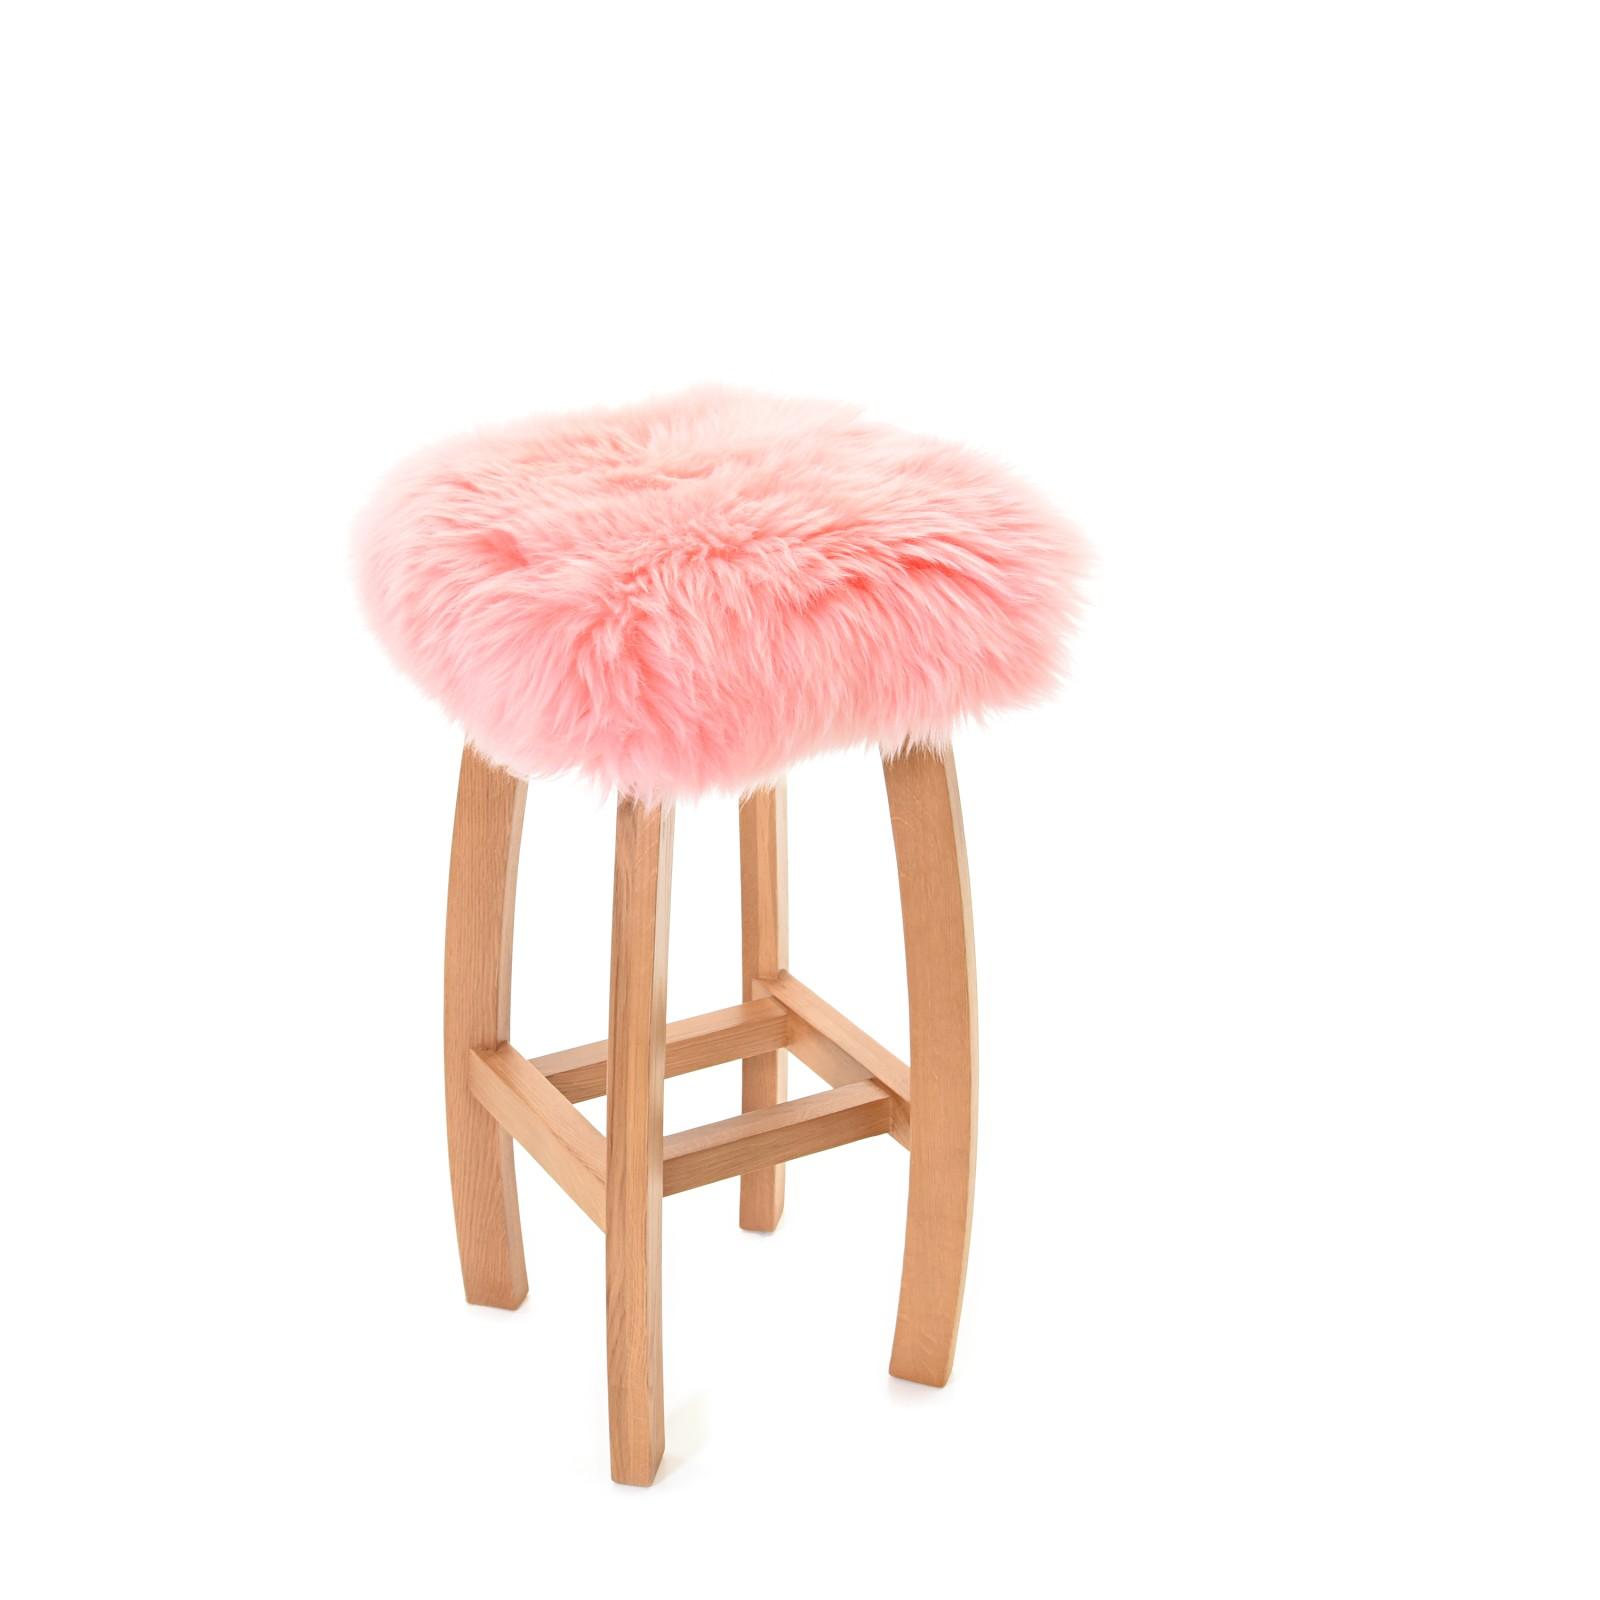 Gwyn Baa Bar Stool Baa Bar Stool in Baby Pink